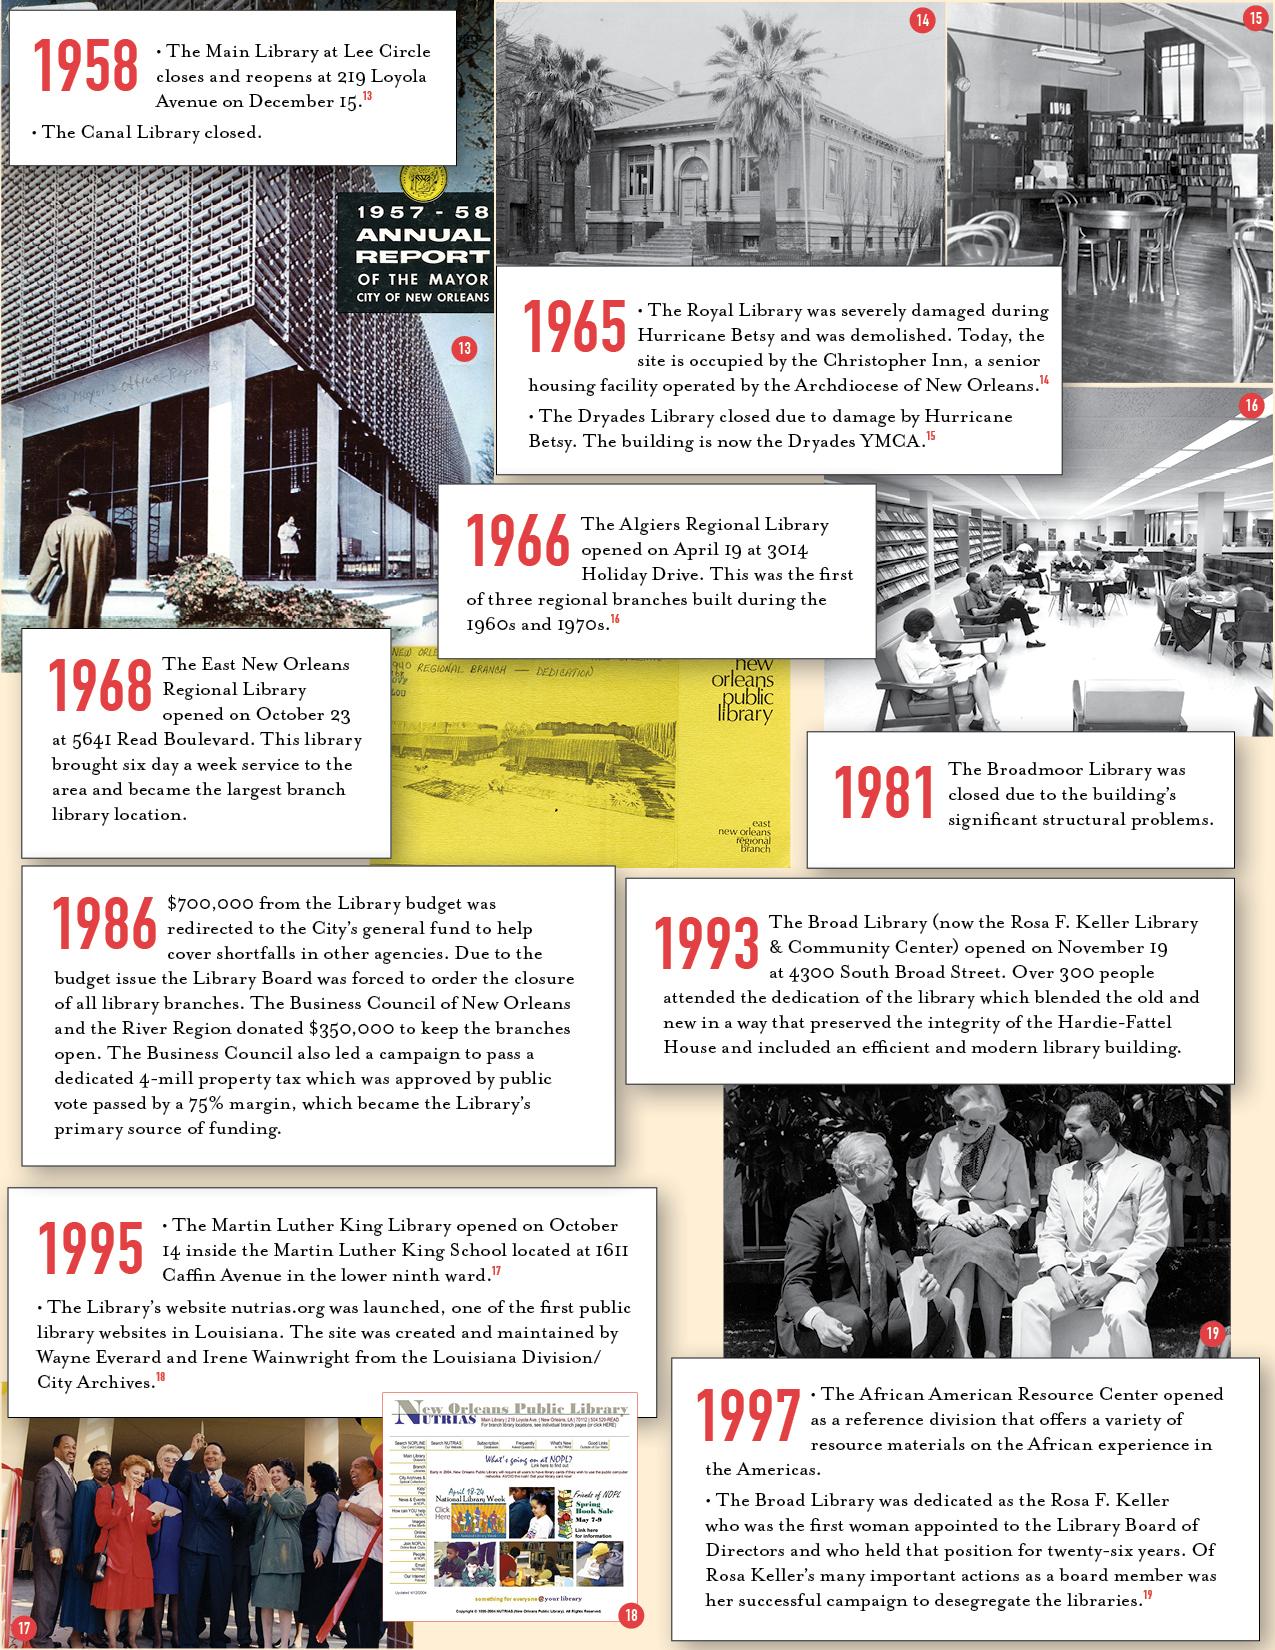 HistoryTimeline5